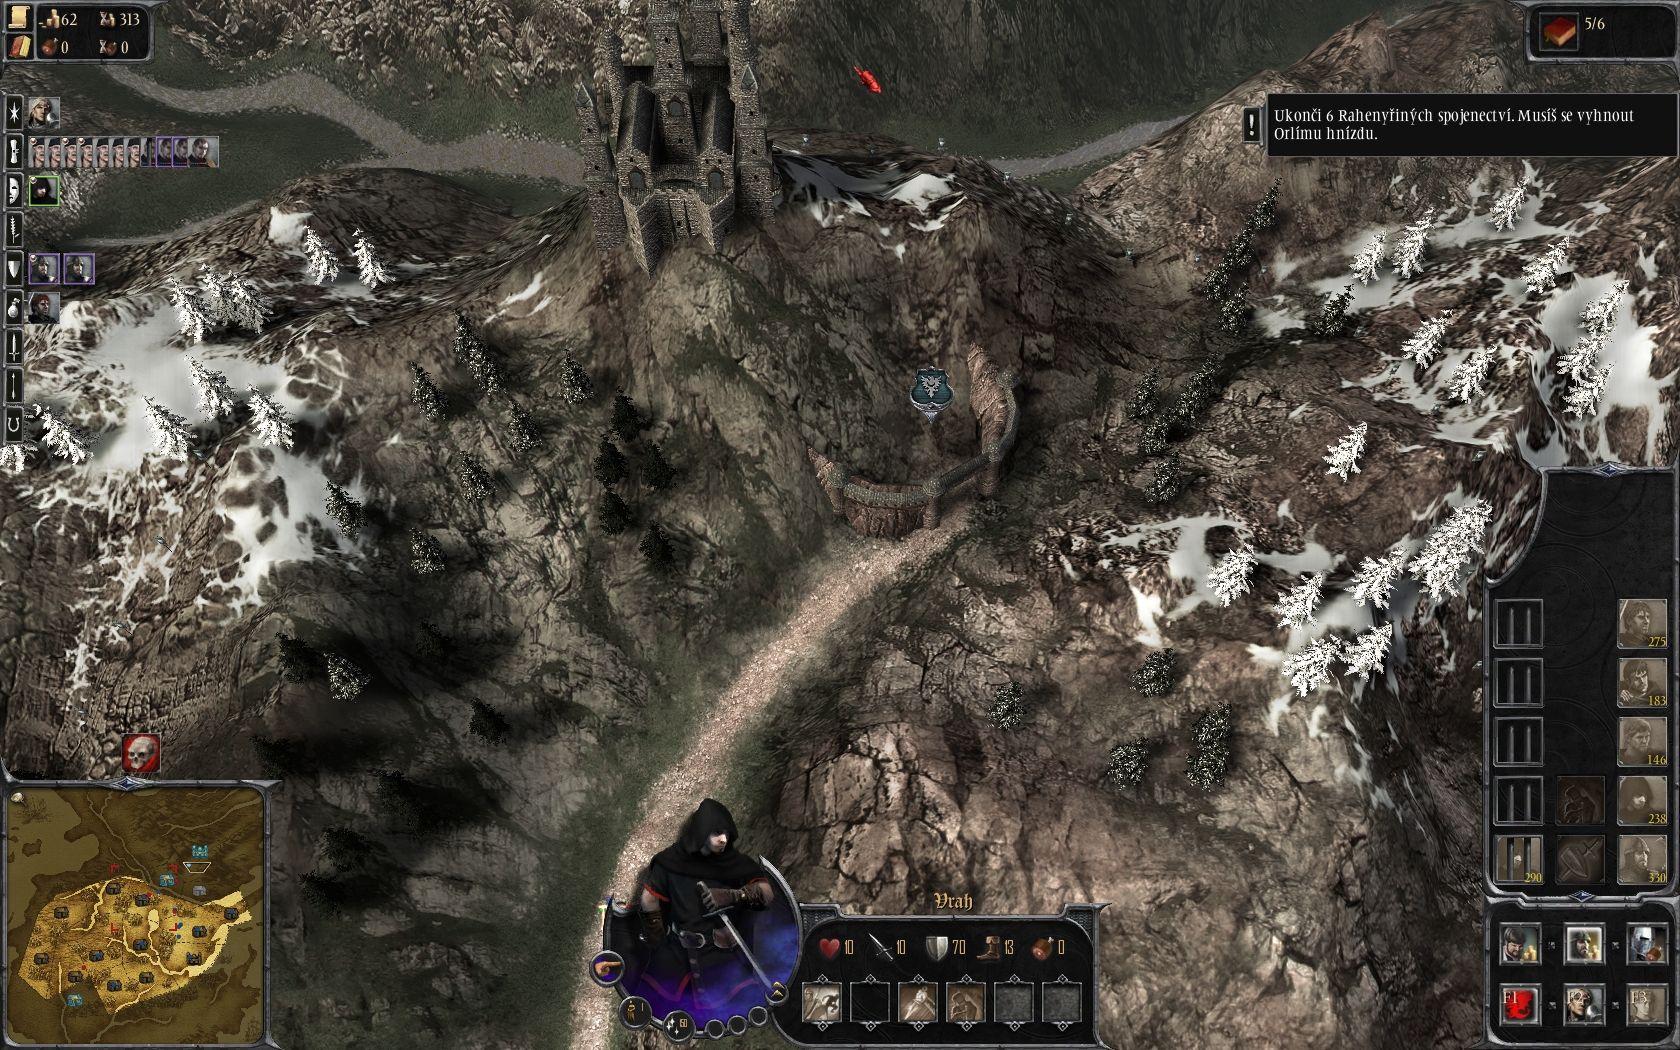 Hra o trůny: Zrození – buď vyhraješ, nebo zemřeš 53117